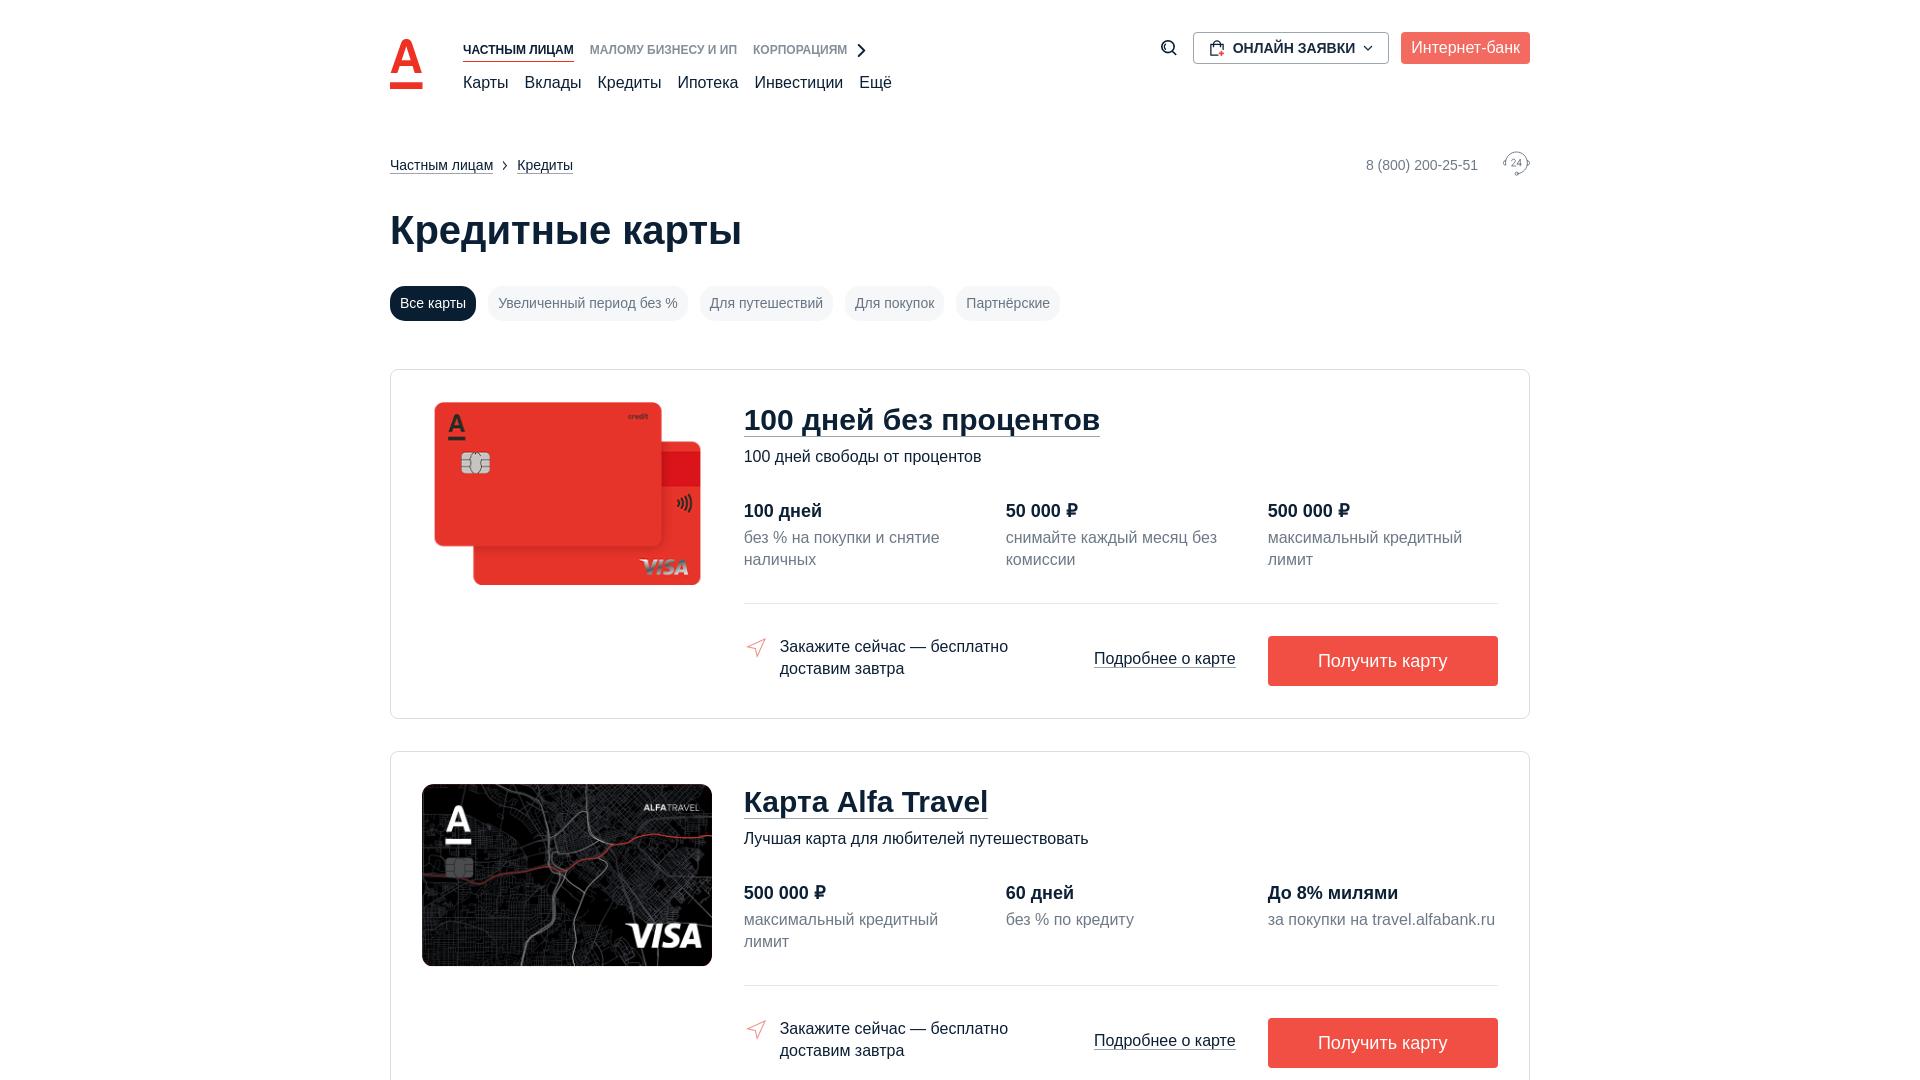 Альфа-Банк Кредитные карты [CPS] RU website